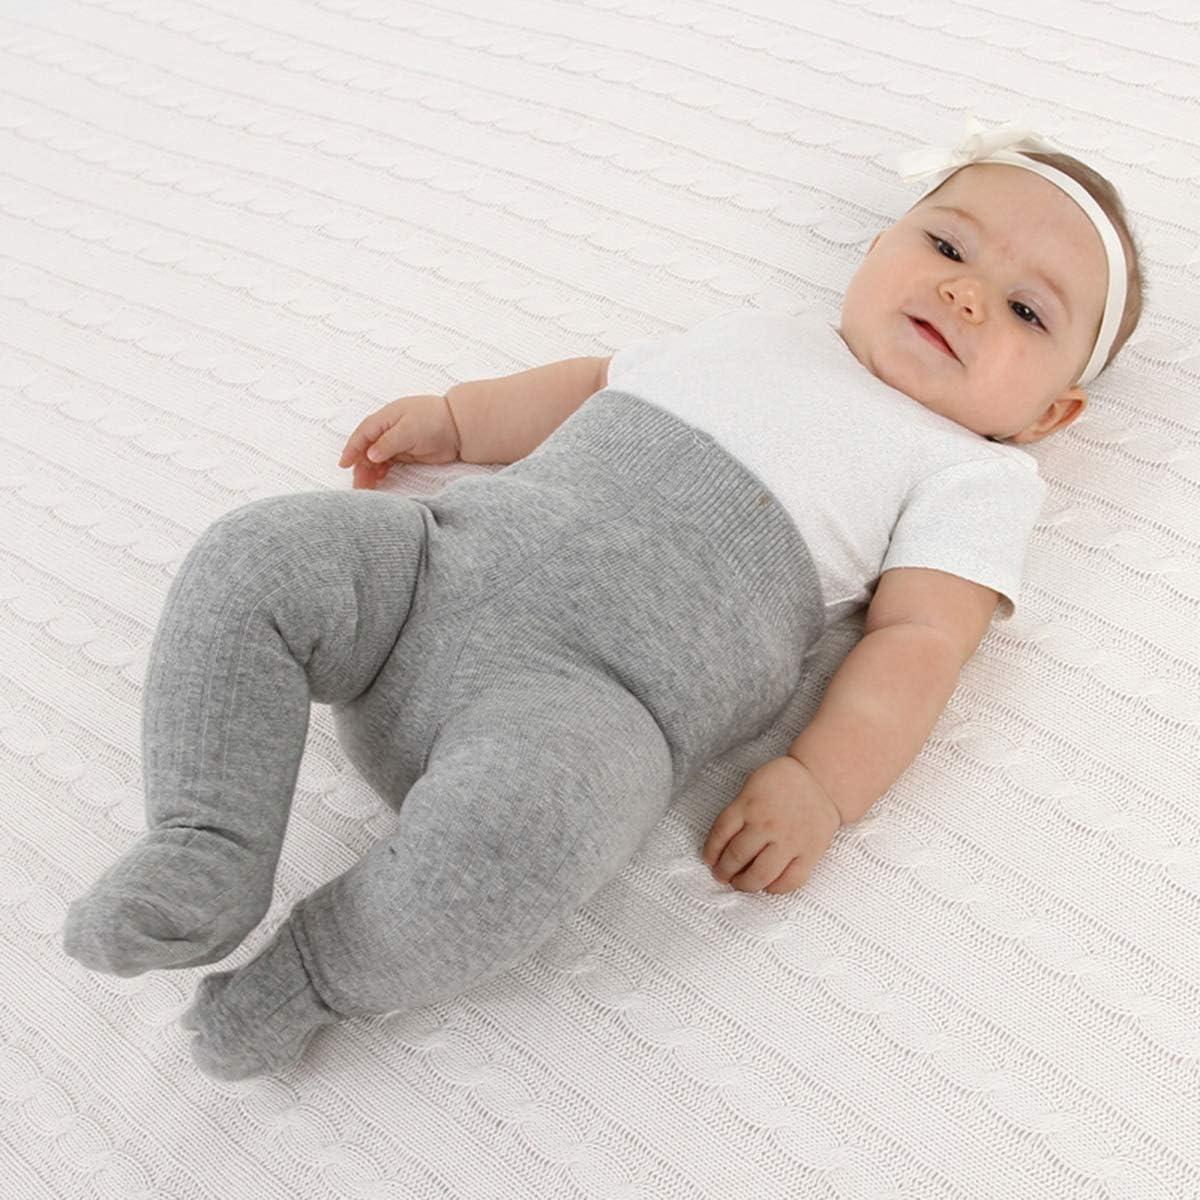 Jungen Baby-Strumpfhosen f/ür Kleinkinder 0-4 Jahre 3er-Pack Leggings f/ür Kleinkinder M/ädchen gestrickte Baumwolle